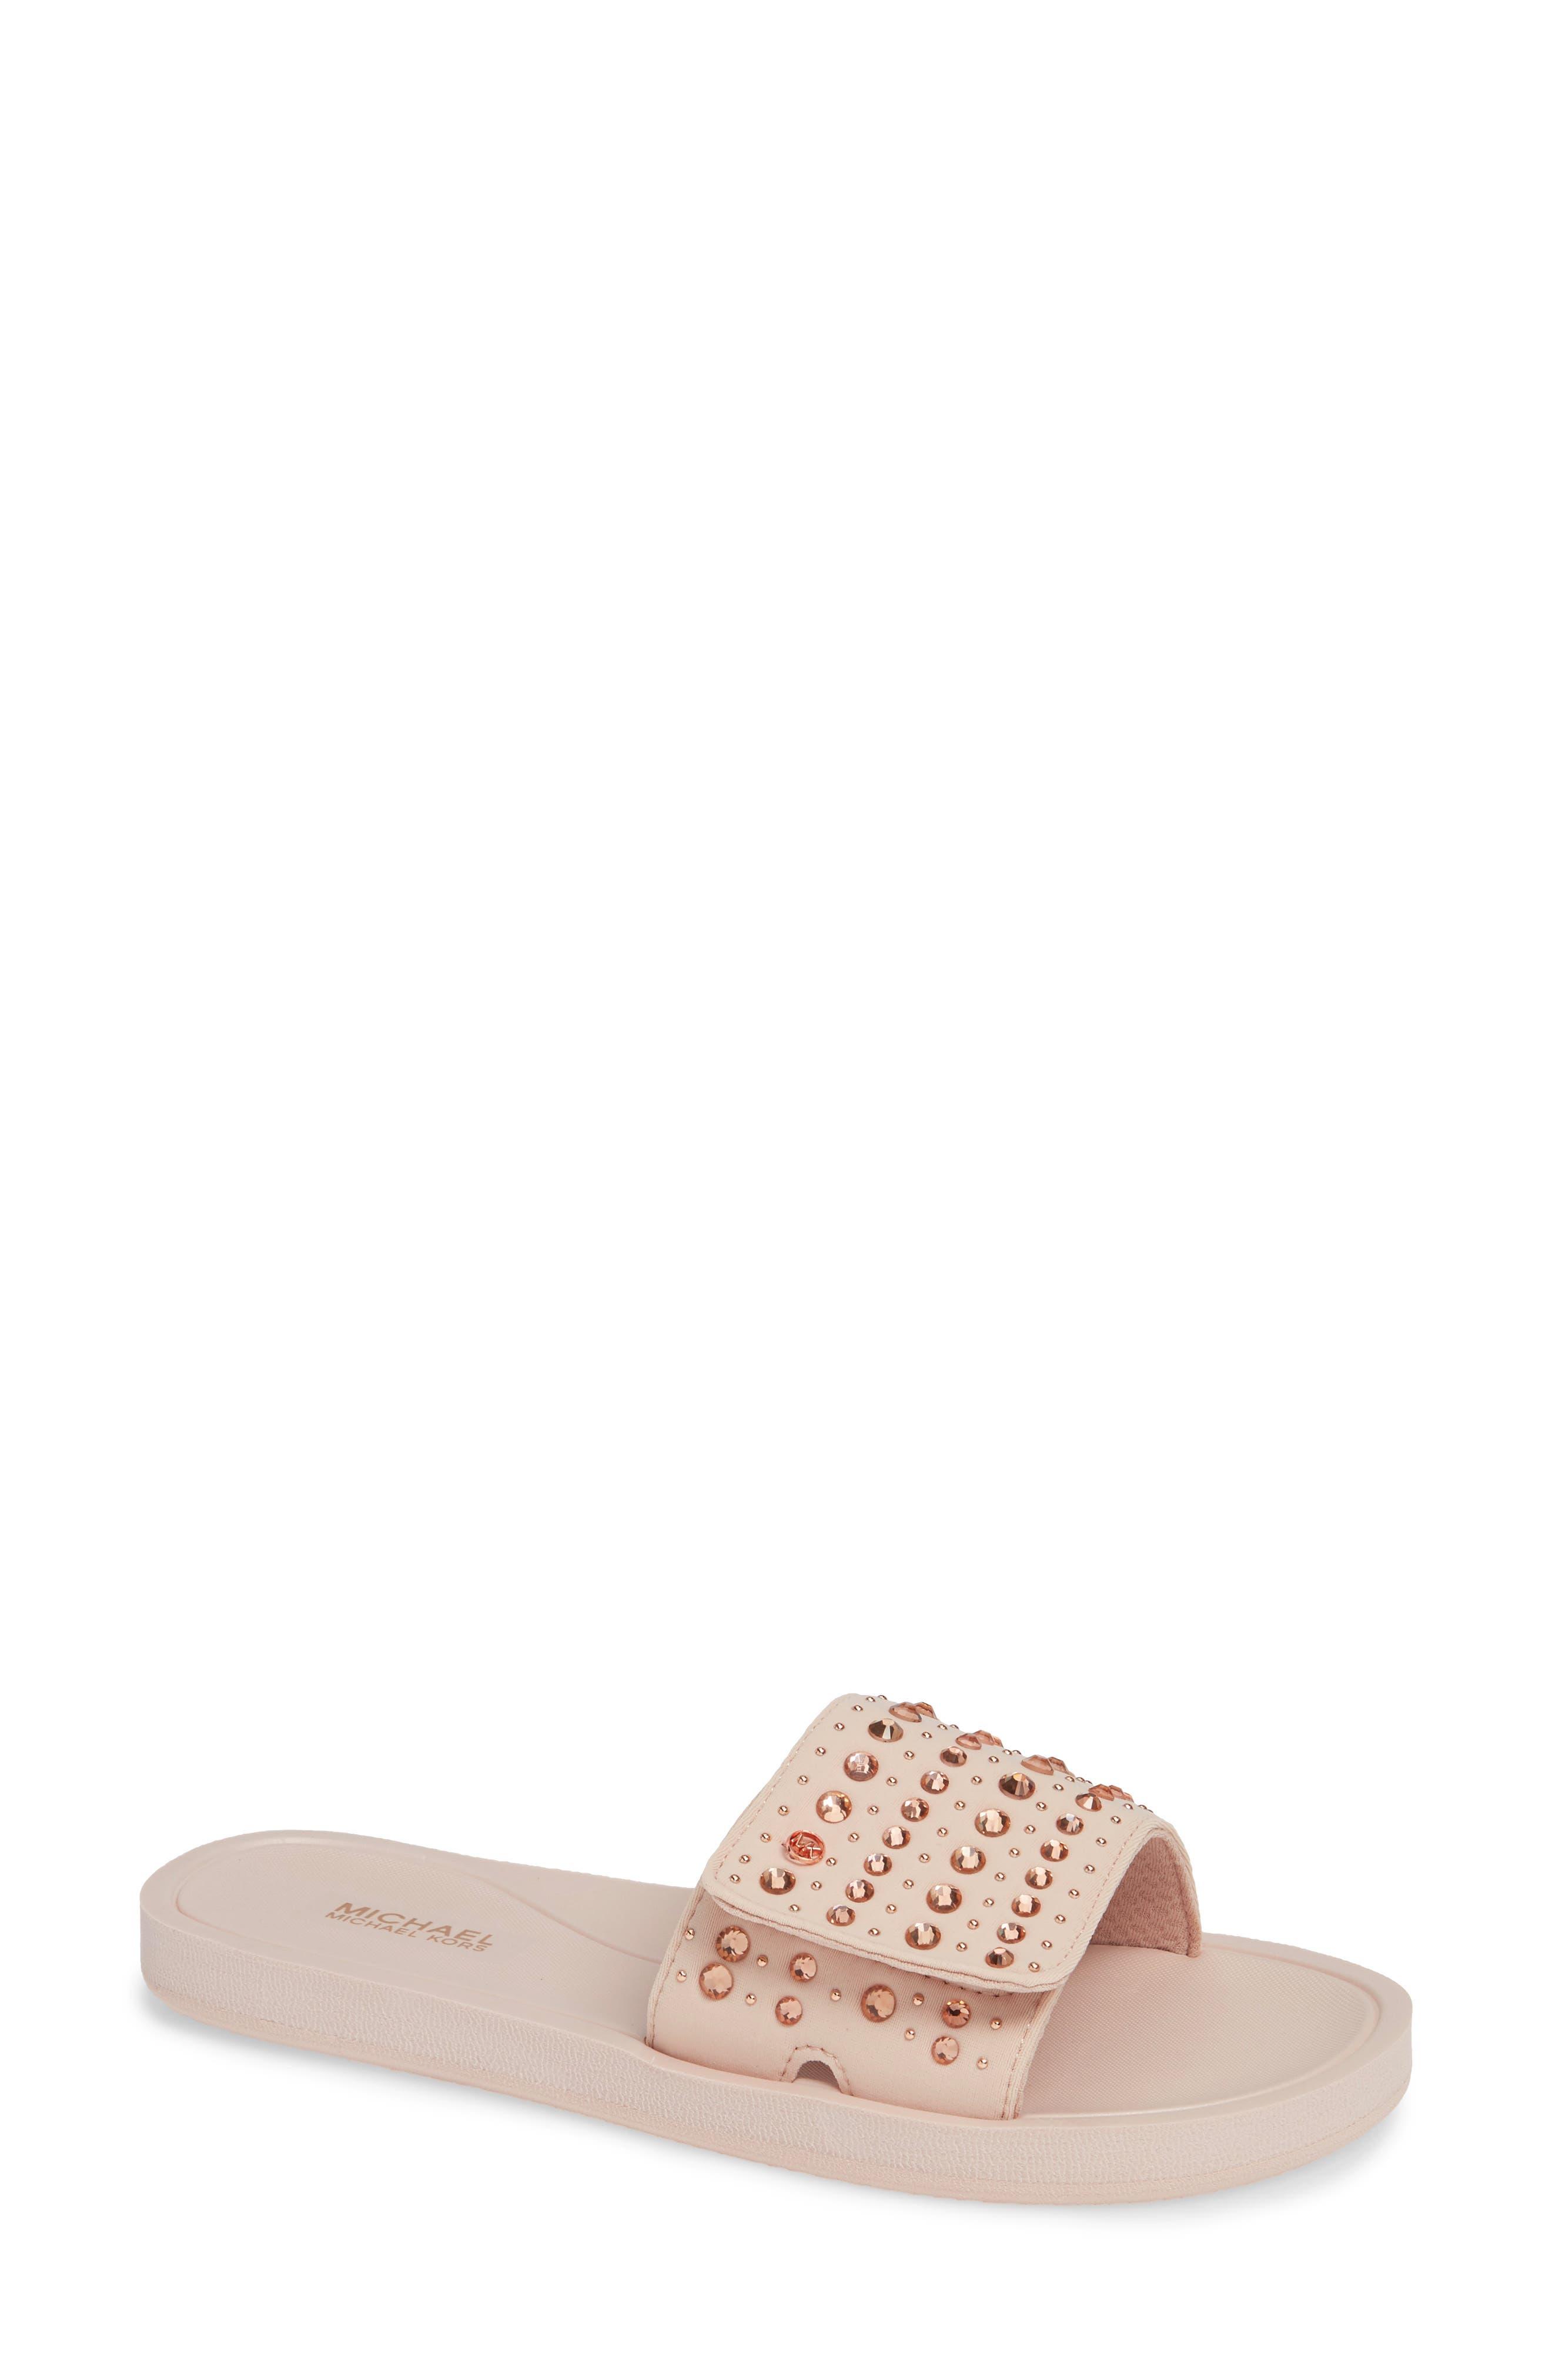 Mk Crystal Pool Slide Sandals in Soft Pink